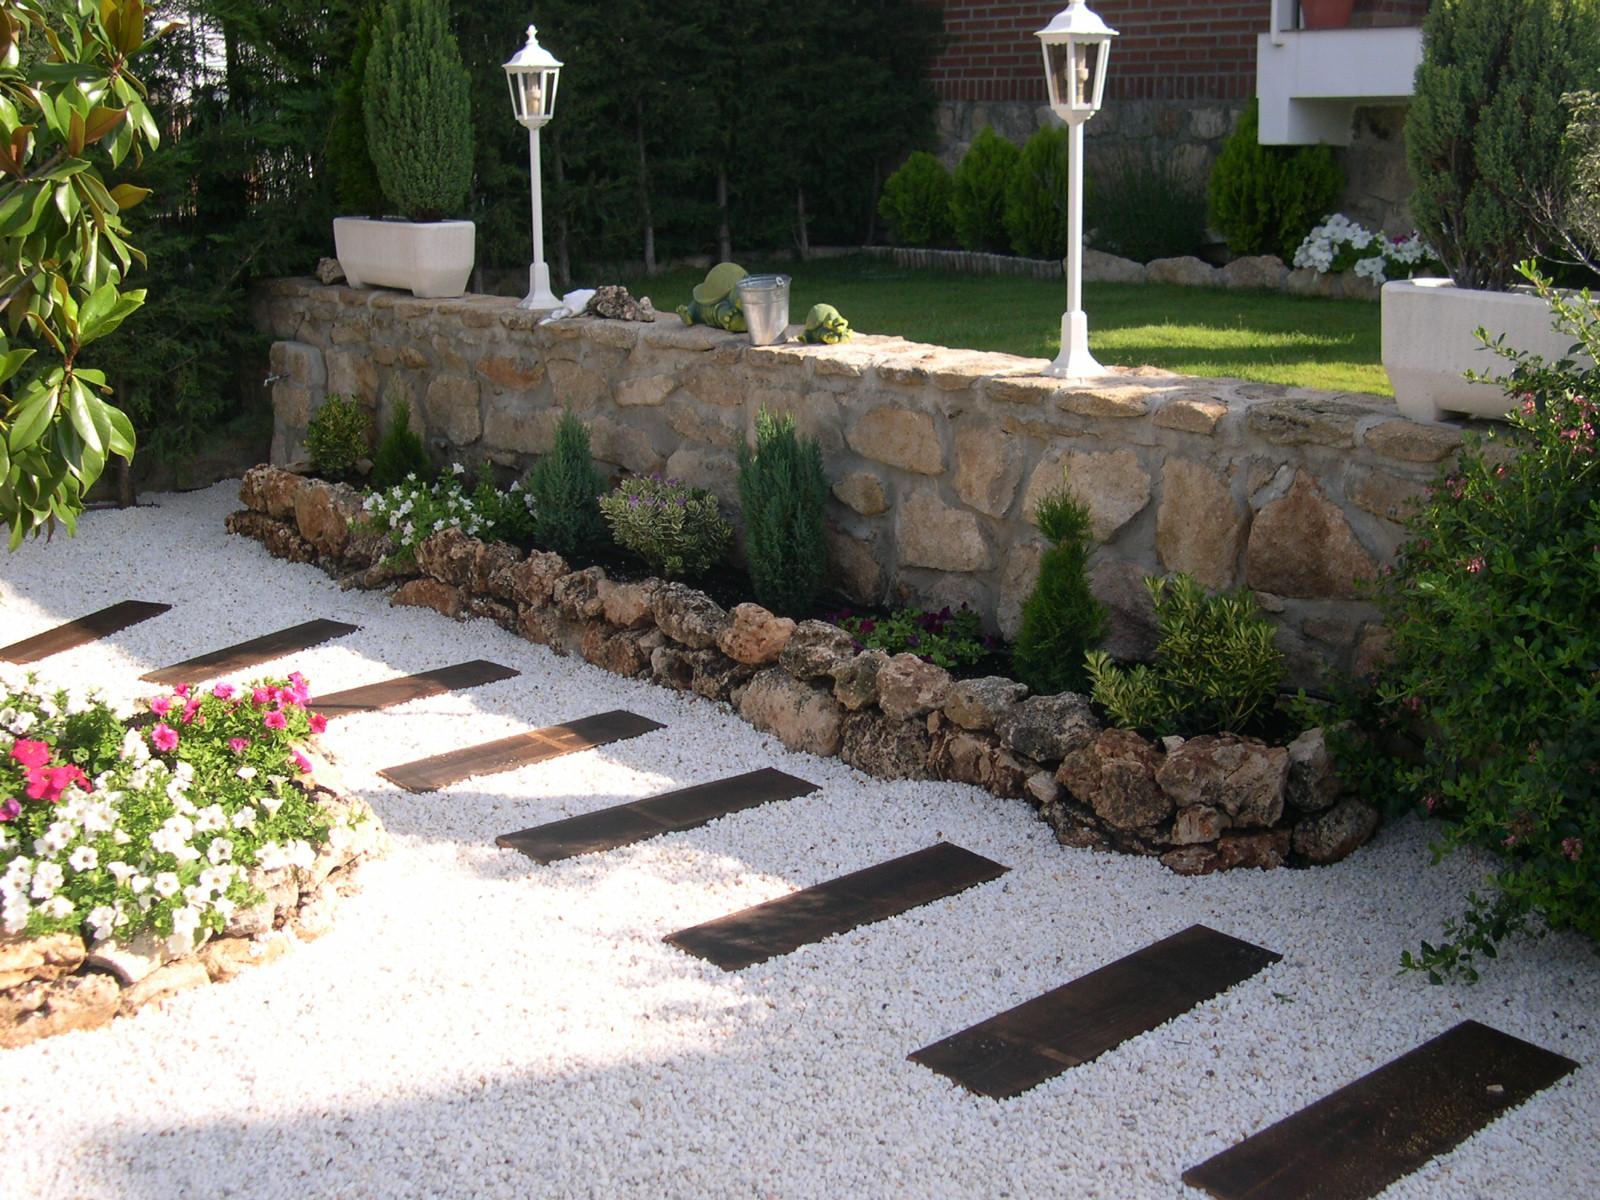 el jardin bueno bonito y barato mayo 2013